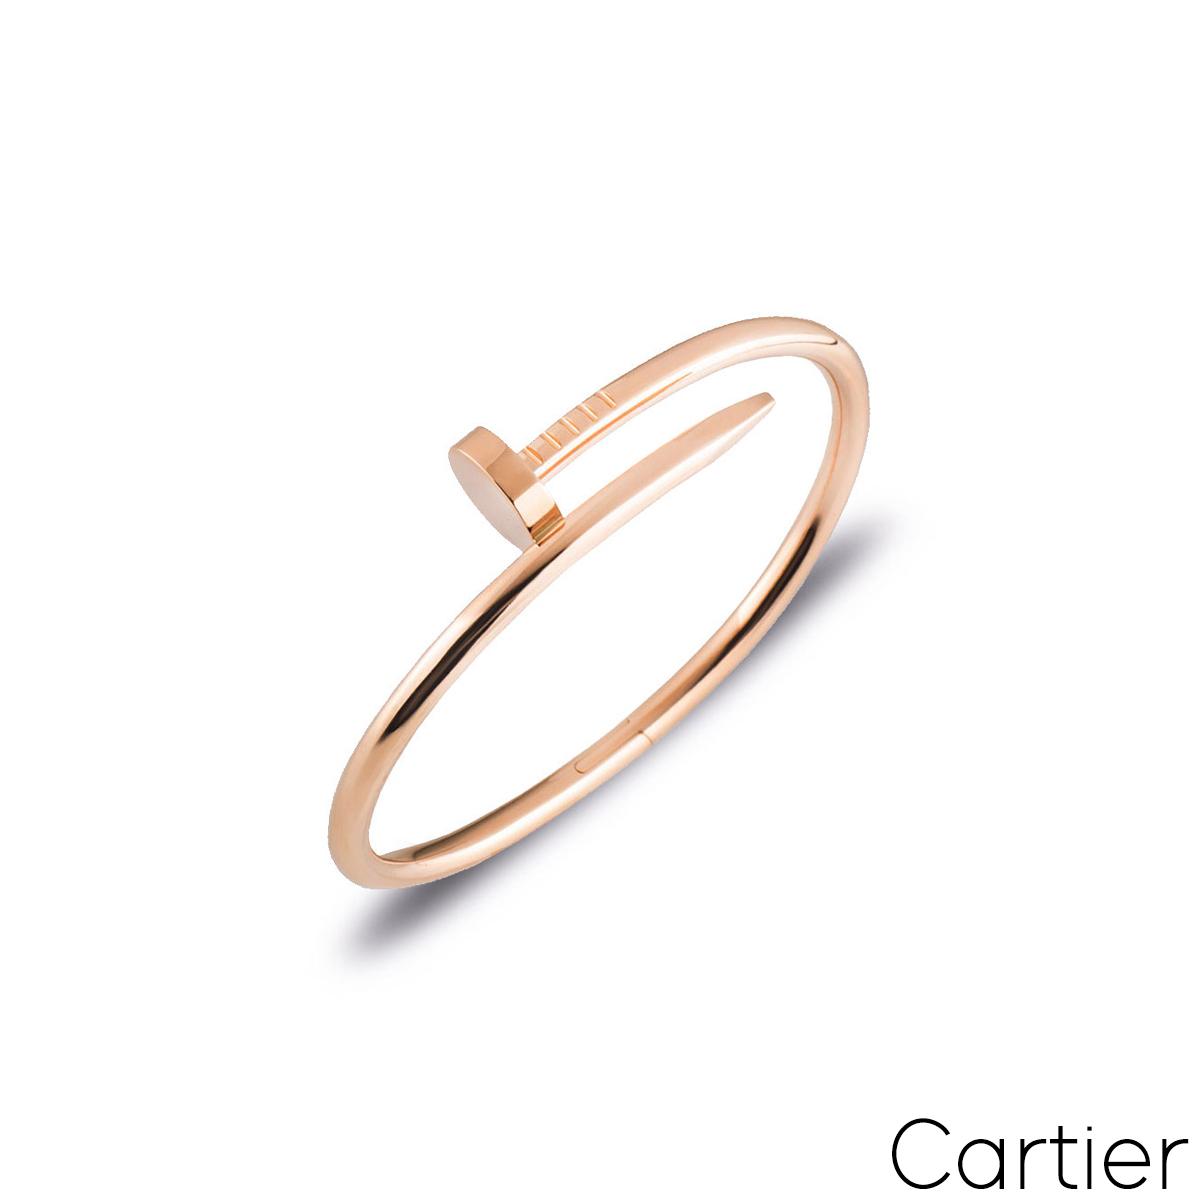 Cartier Rose Gold Plain Juste Un Clou Bracelet Size 16 B6048116